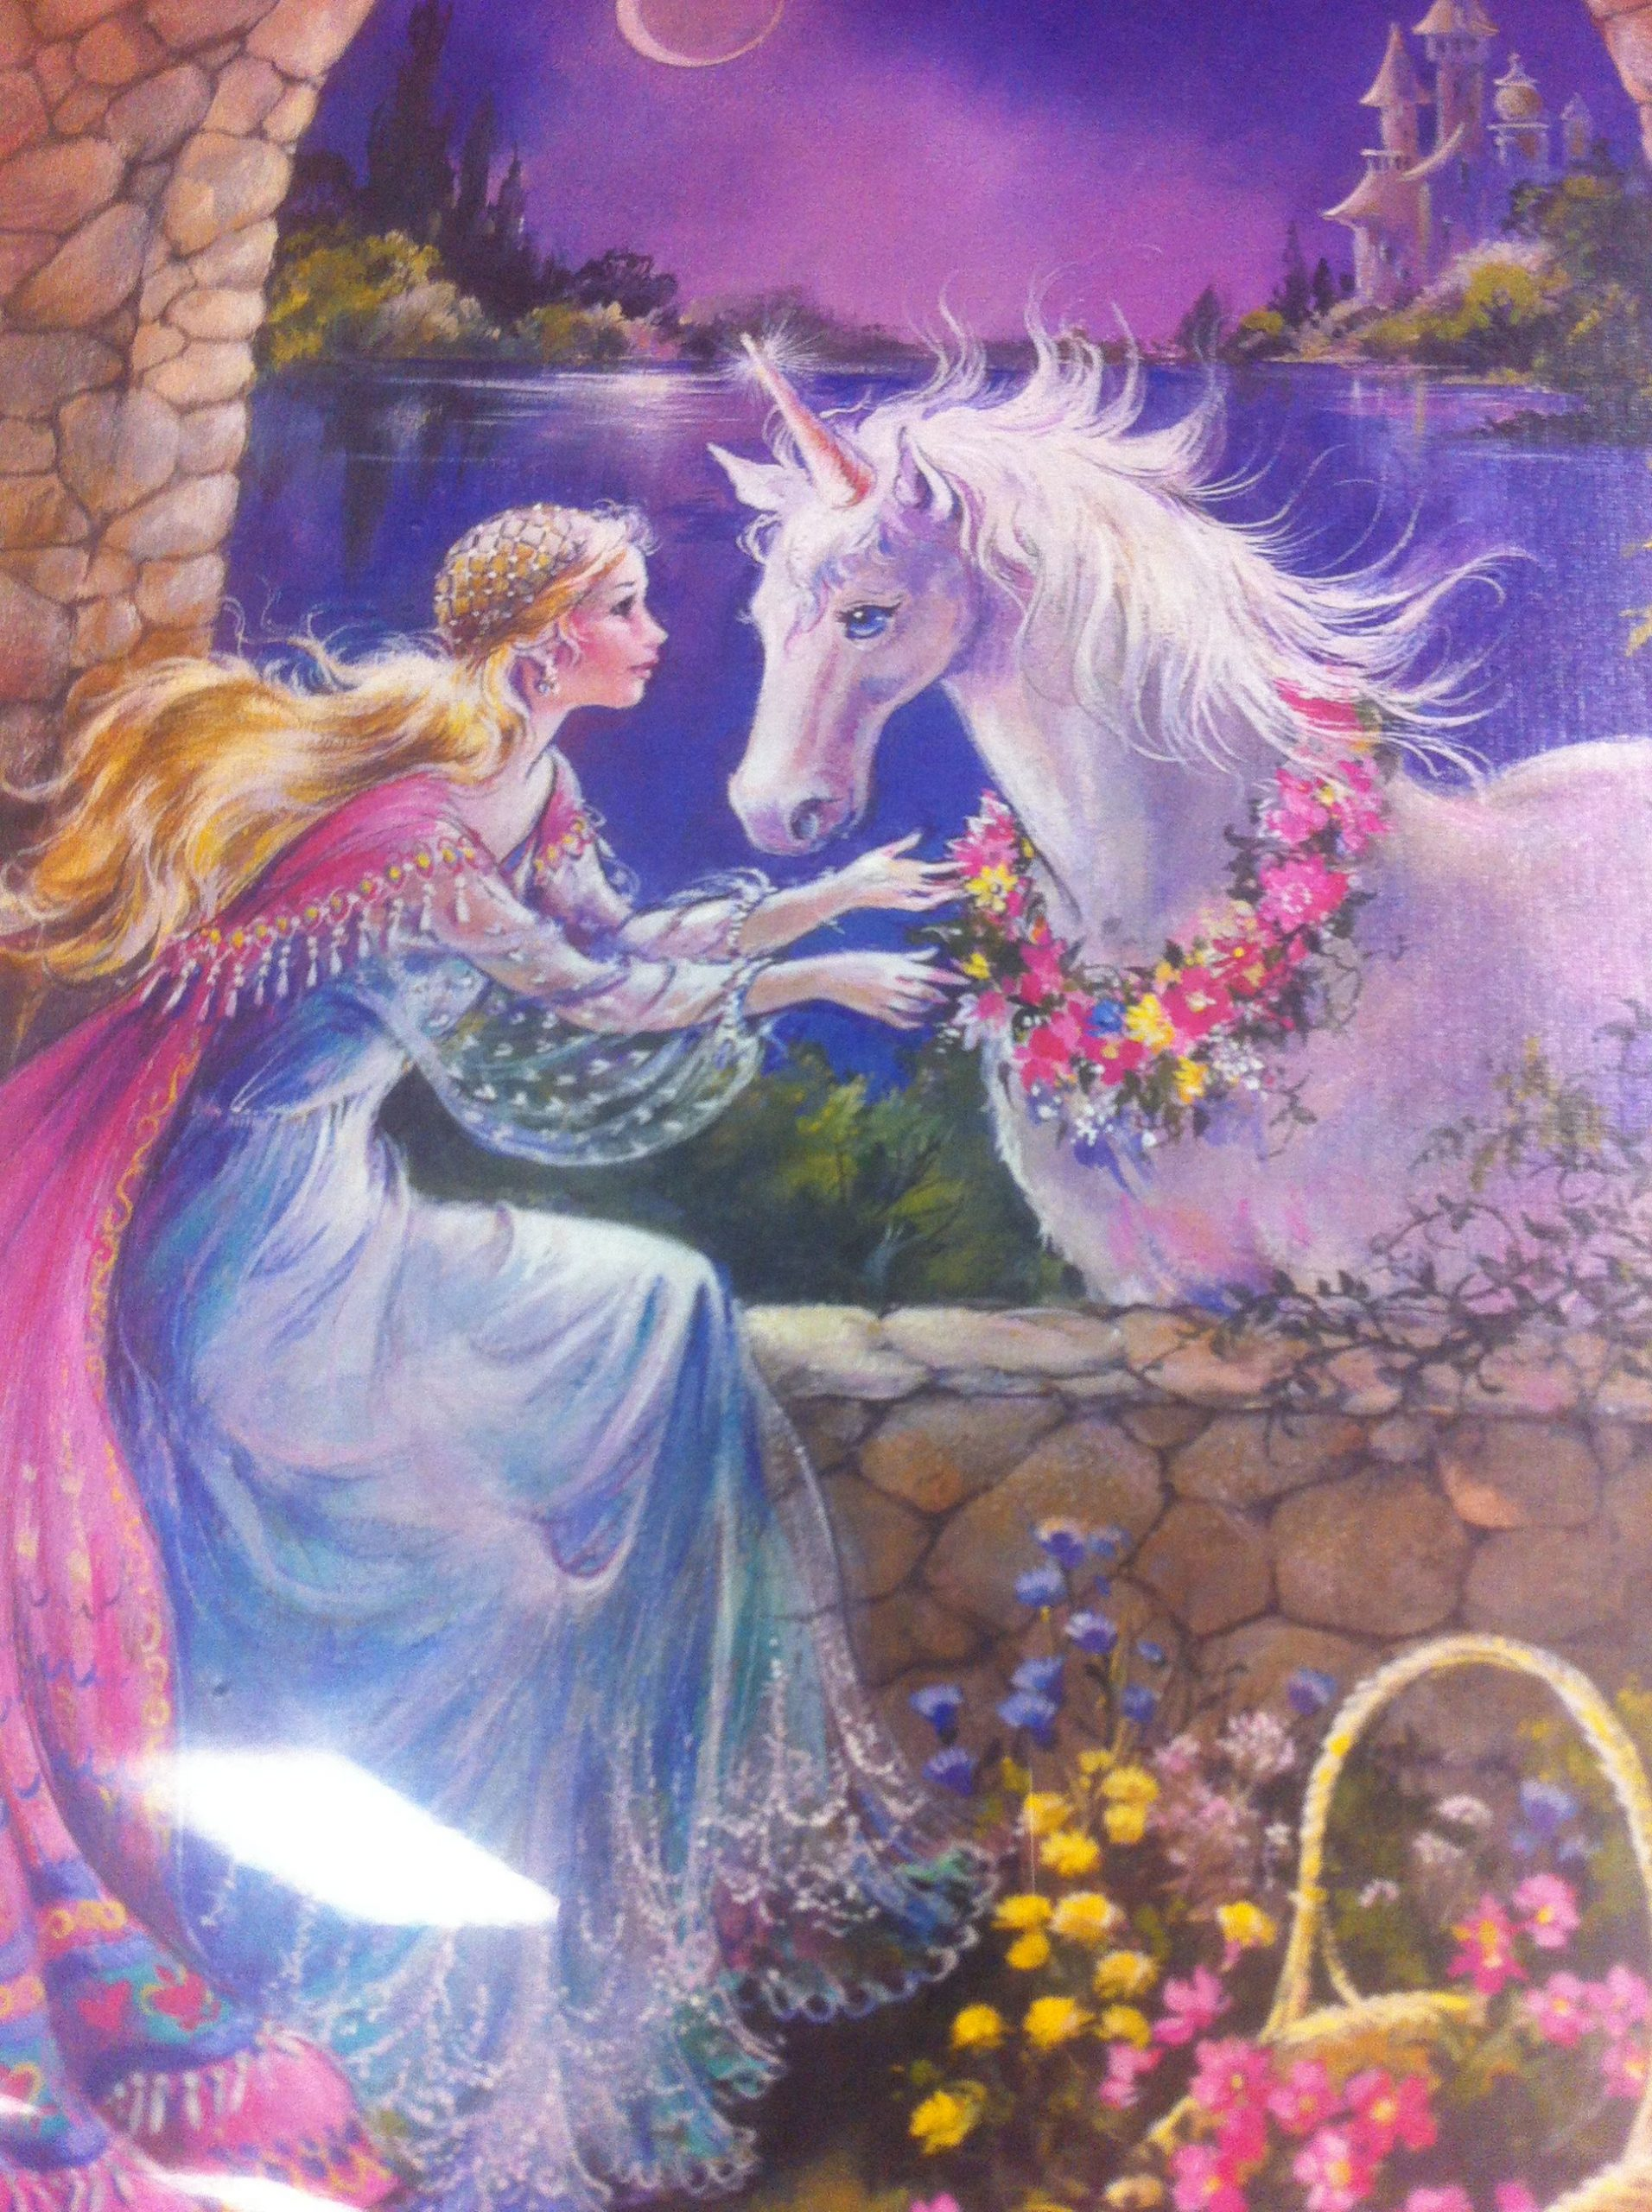 Unicorn And Maiden At Stone Archway Under Moon. | Fantasie bei Elfen Und Einhörner